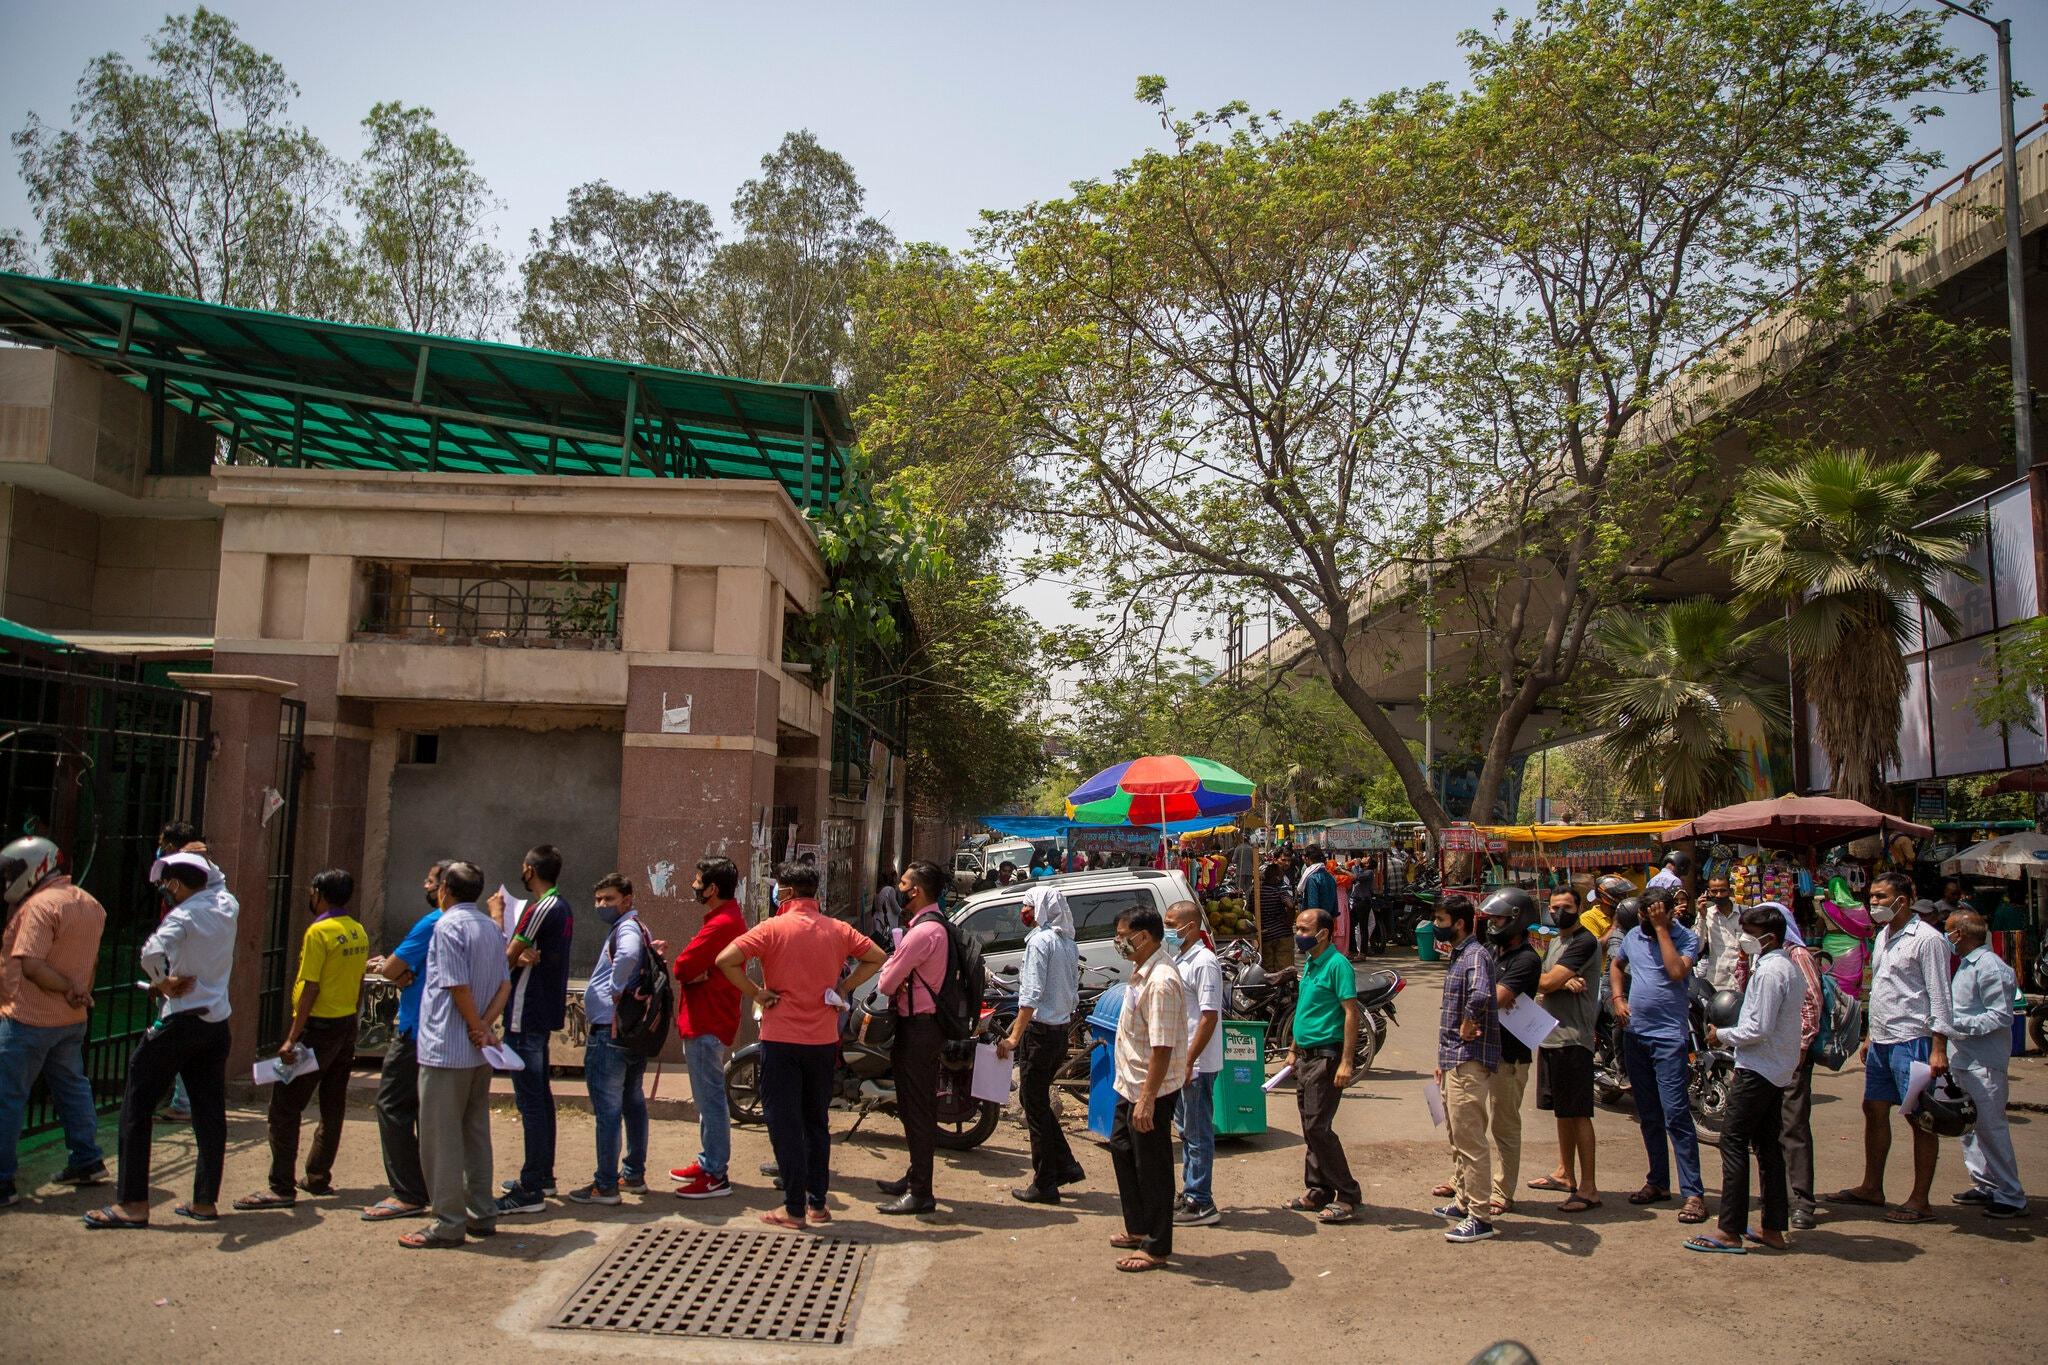 لماذا يتراجع وباء كورونا في الهند؟